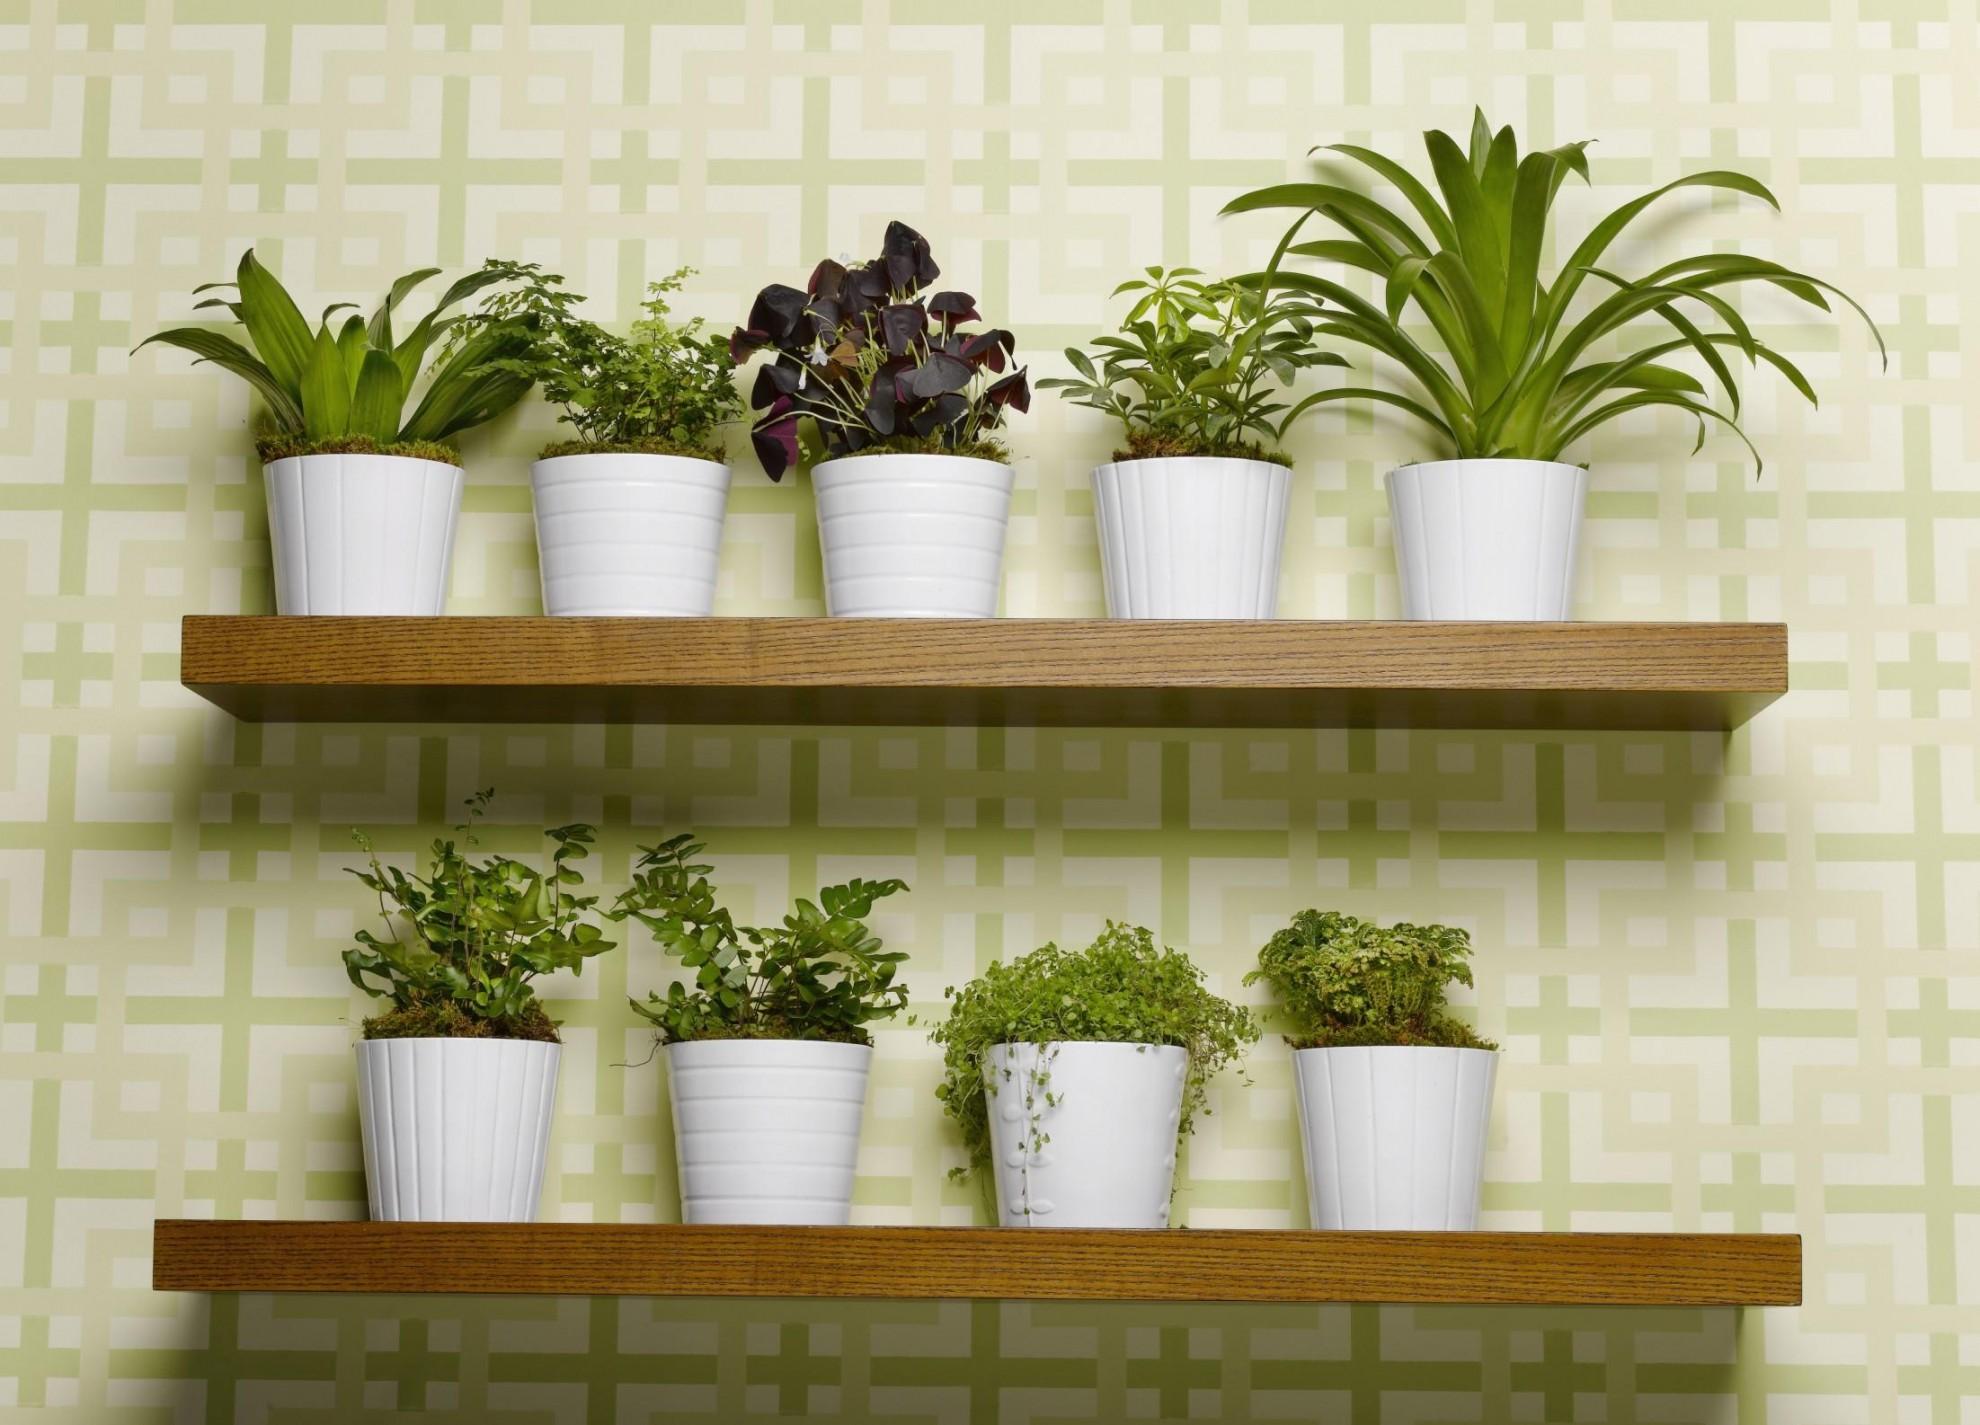 Immagini Piante E Fiori piante e fiori artificiali   geminiani s.r.l.